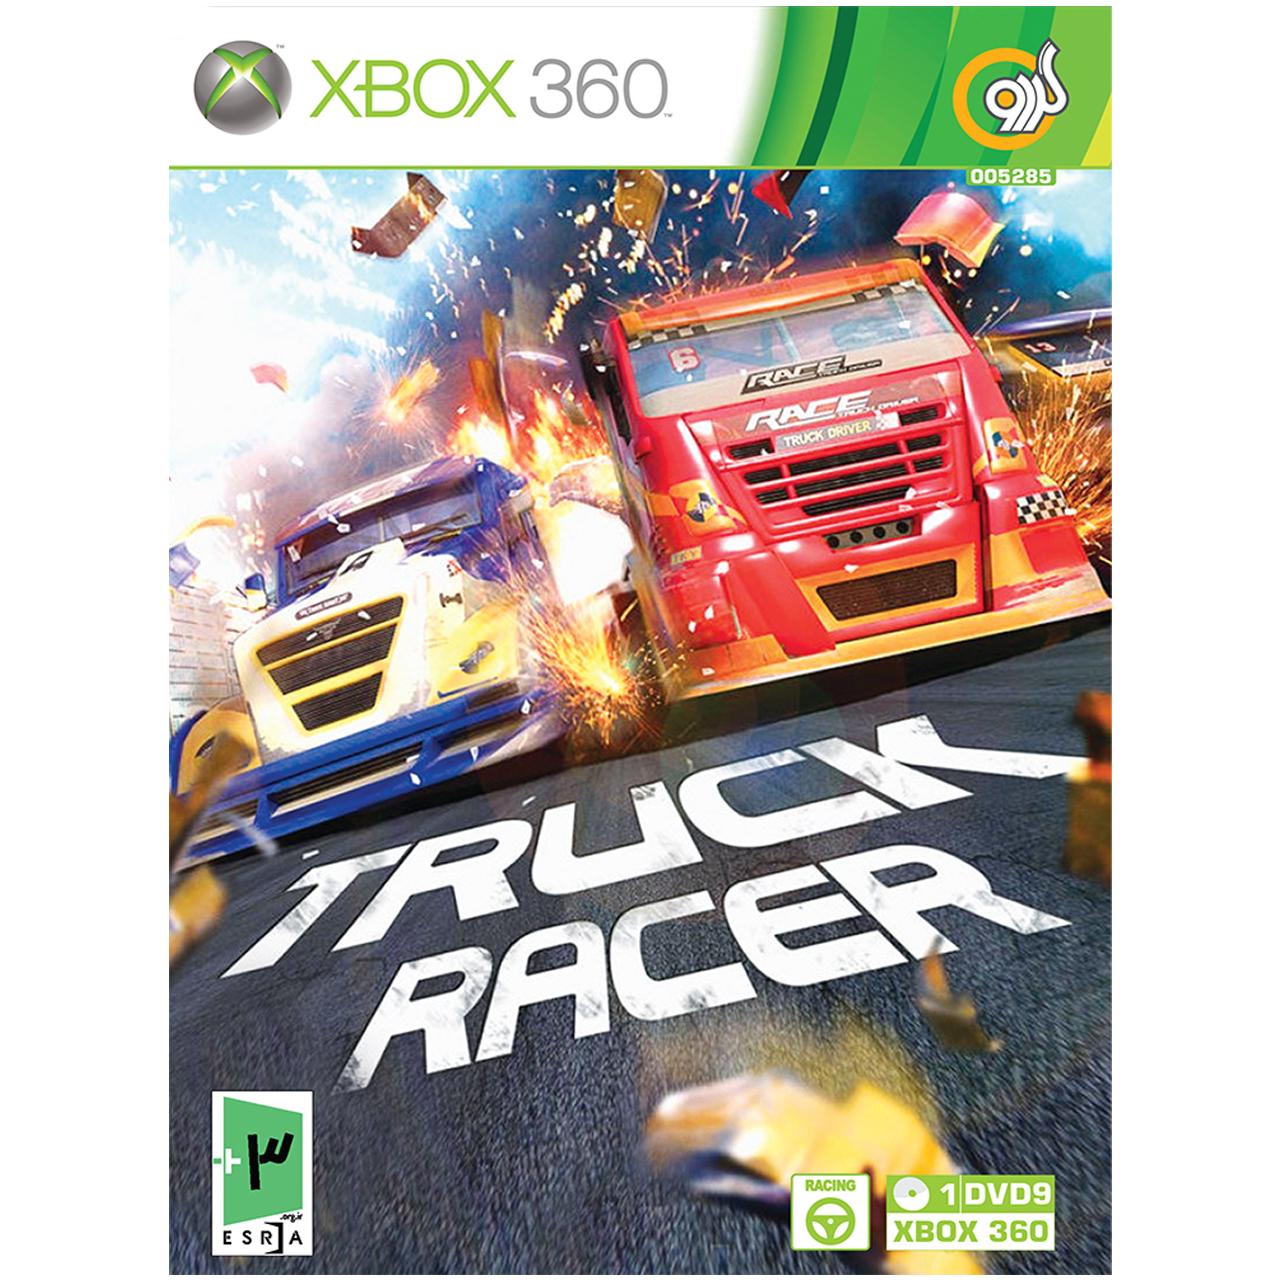 بررسی و {خرید با تخفیف} بازی گردو TRUCK RACER مخصوص XBOX 360 اصل